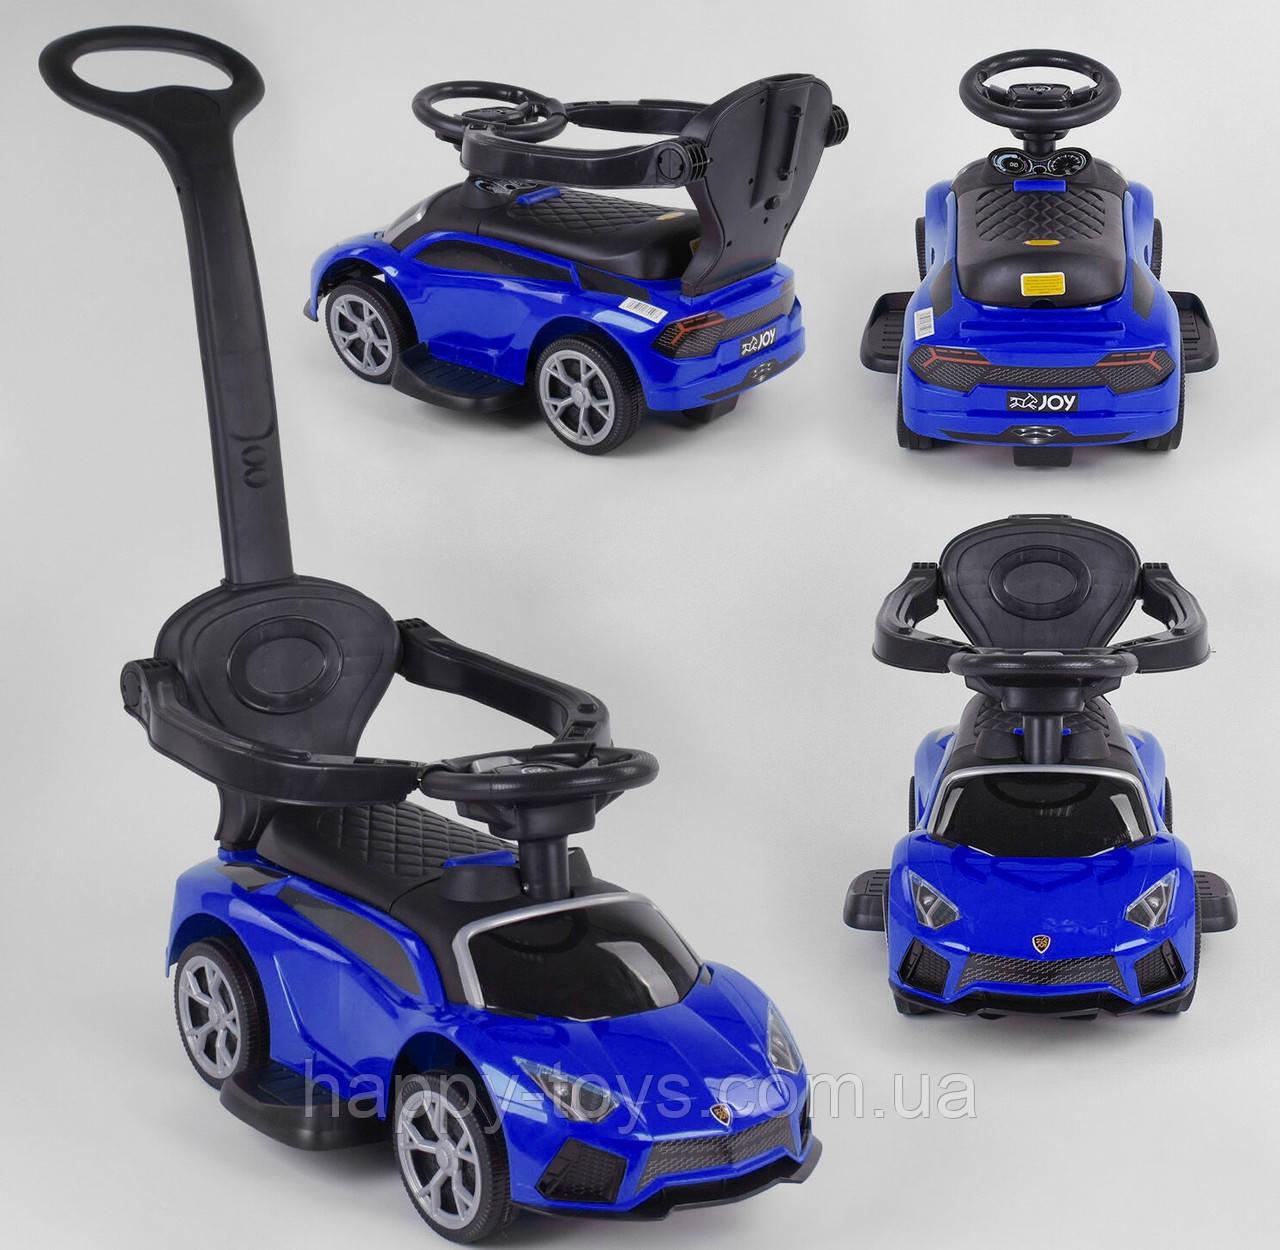 Машинка Каталка Толокар Ламборгини с ручкой, цвет Синий, музыкальный руль JOY LB 6069 B